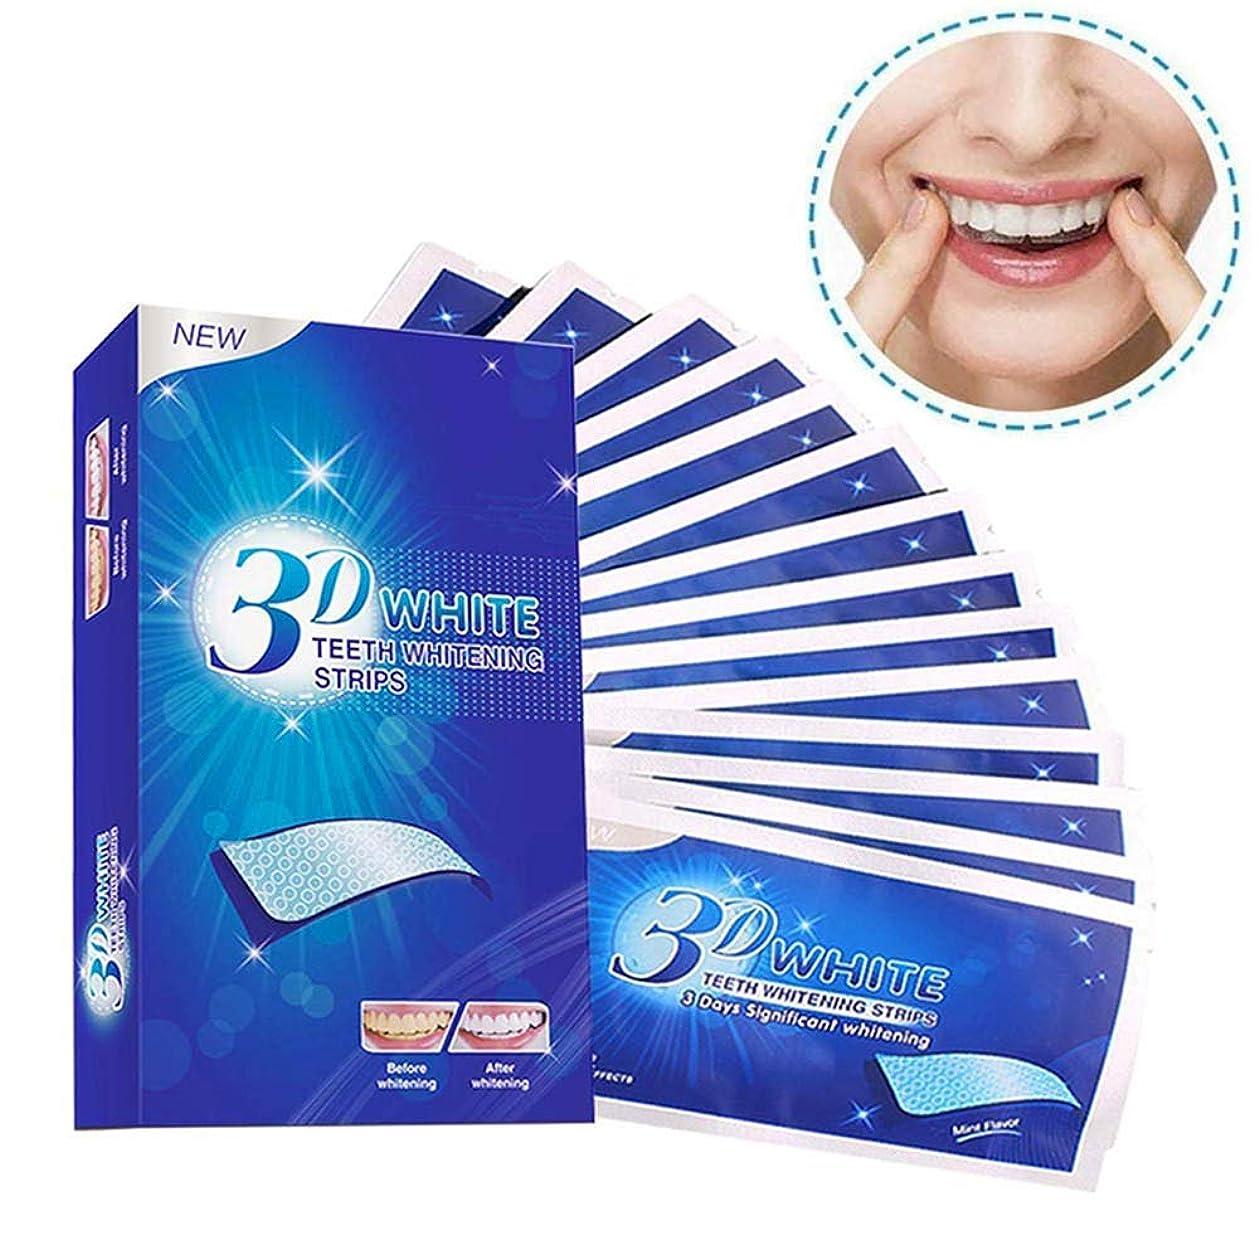 医療過誤冷淡なステレオタイプ歯 美白 ホワイトニング マニキュア 歯ケア 歯のホワイトニング 美白歯磨き 歯を白 ホワイトニングテープ 歯を漂白 7セット/14枚 (7セット/14枚)